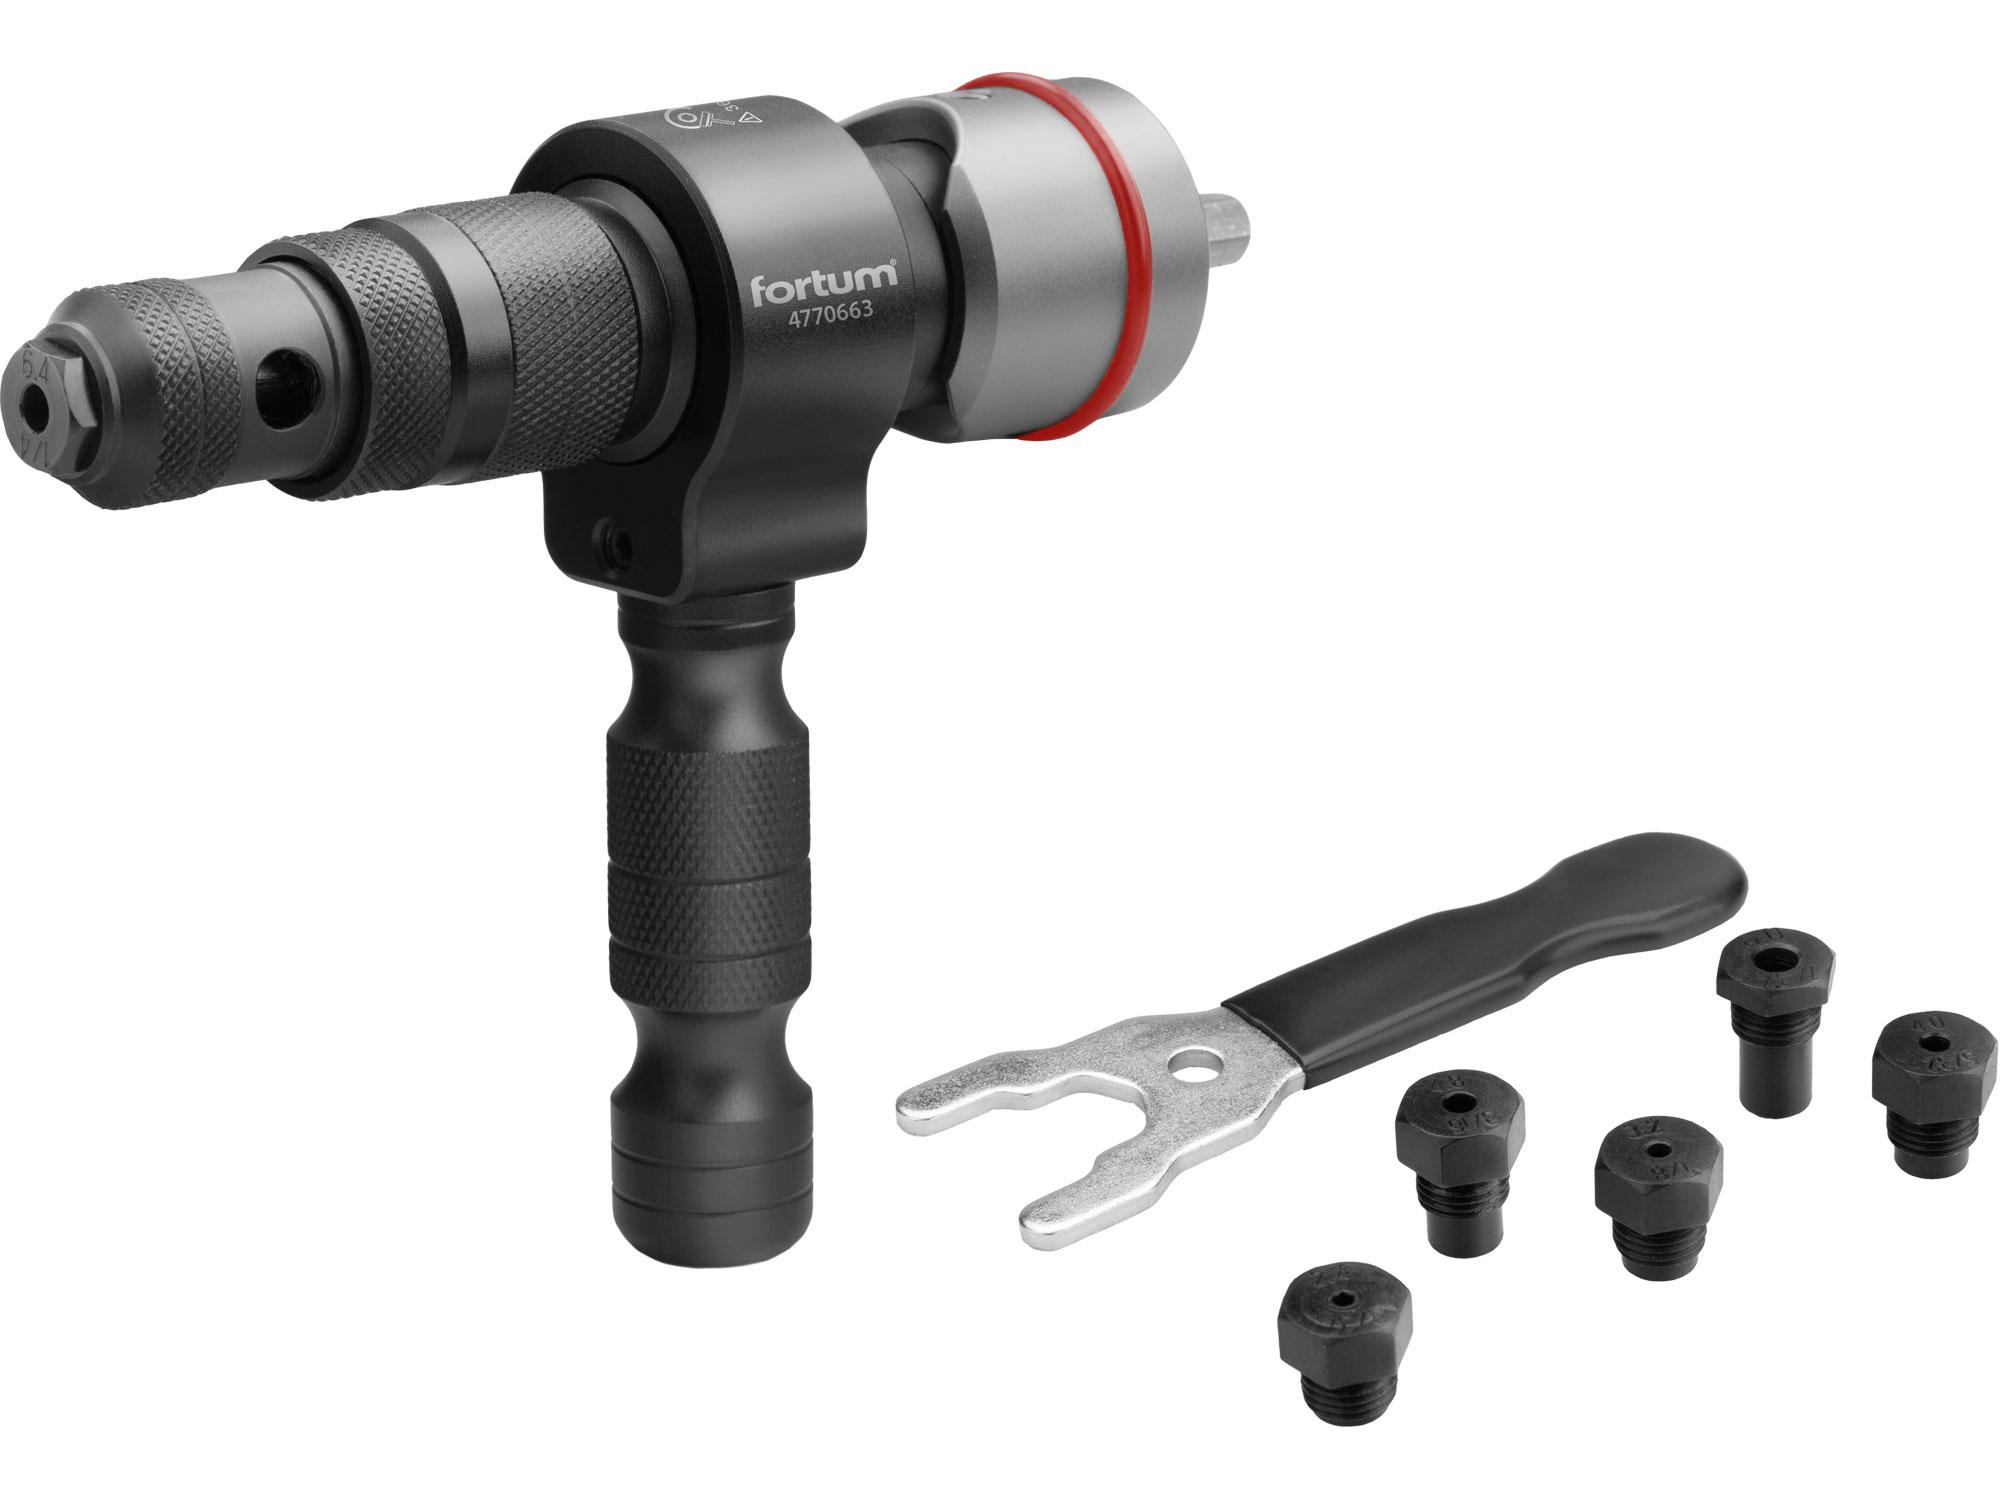 Blind Rivet Adapter TB7 for rivets 2.4-3.2-4.0-4.8-6.0-6.4mm, CrMoV, for rivets 2.4-6.4 mm